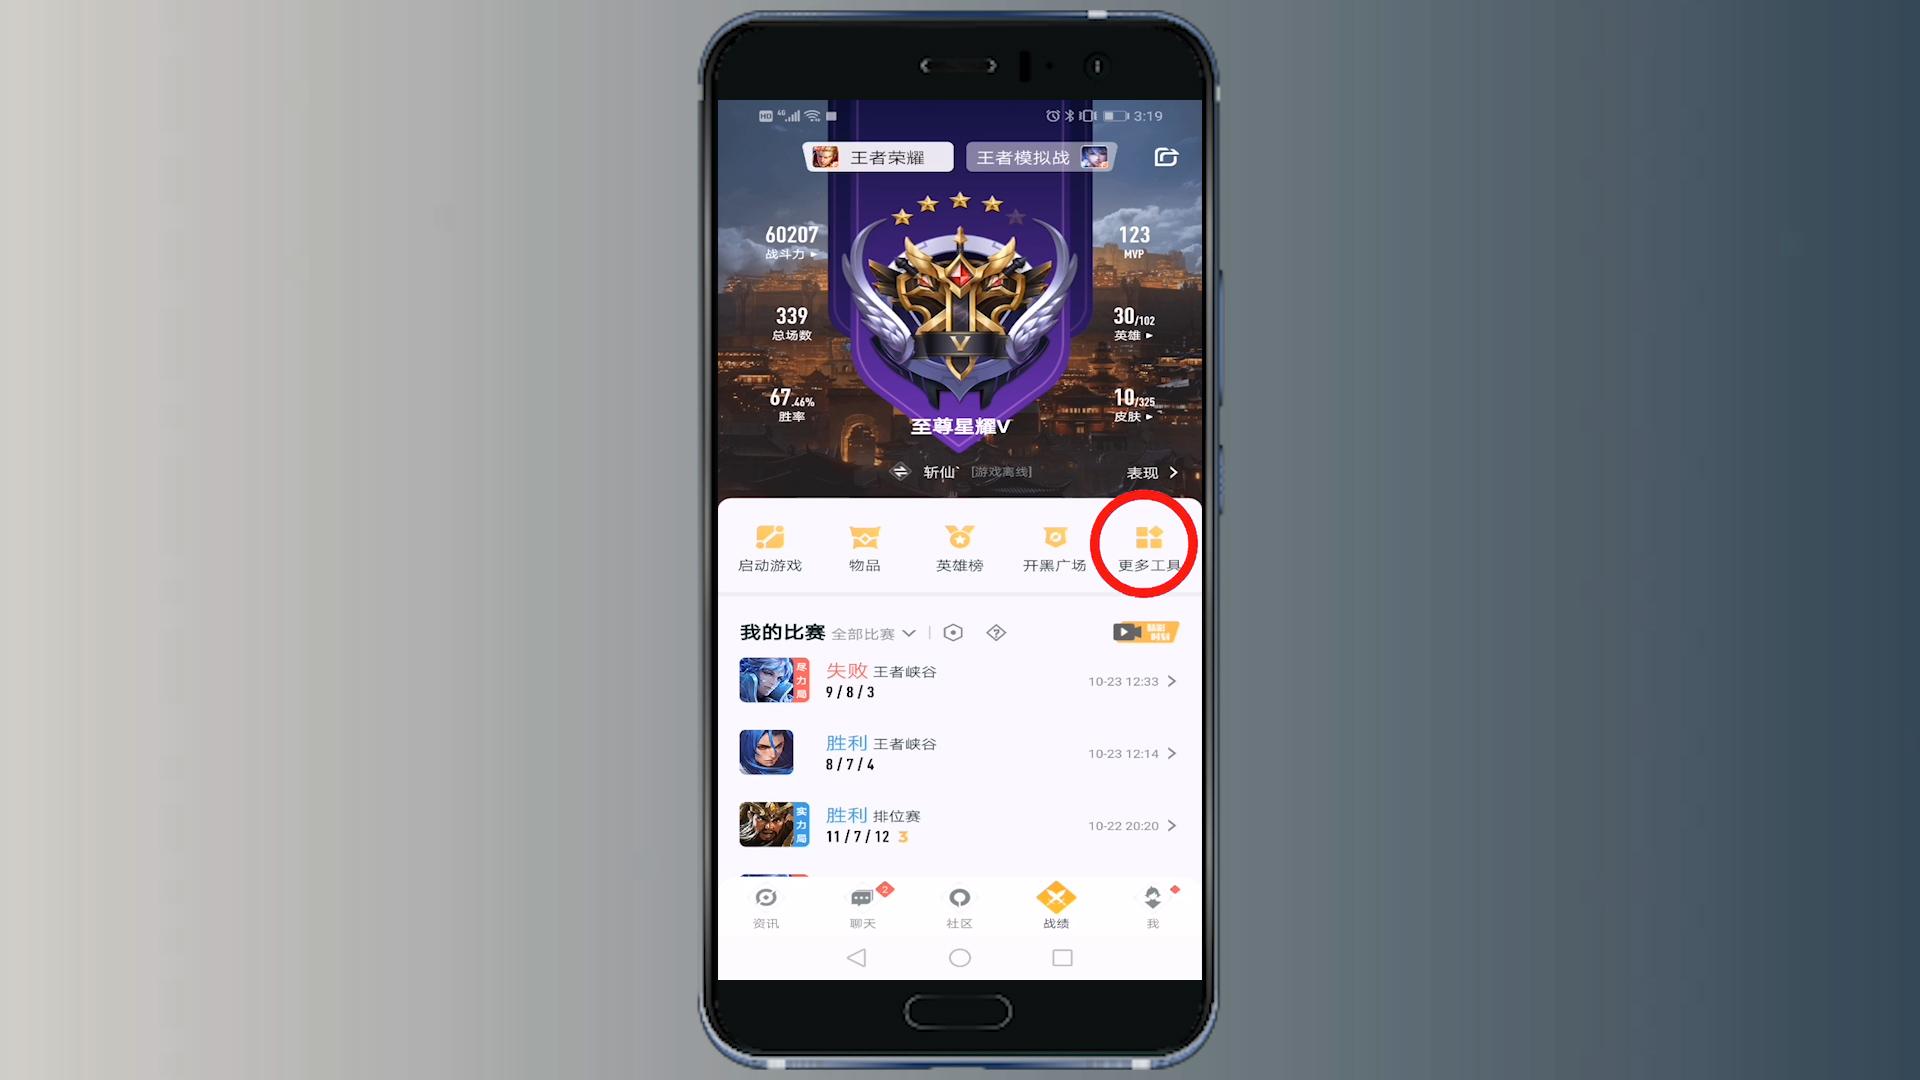 王者荣耀苹果账号怎么转安卓(3)